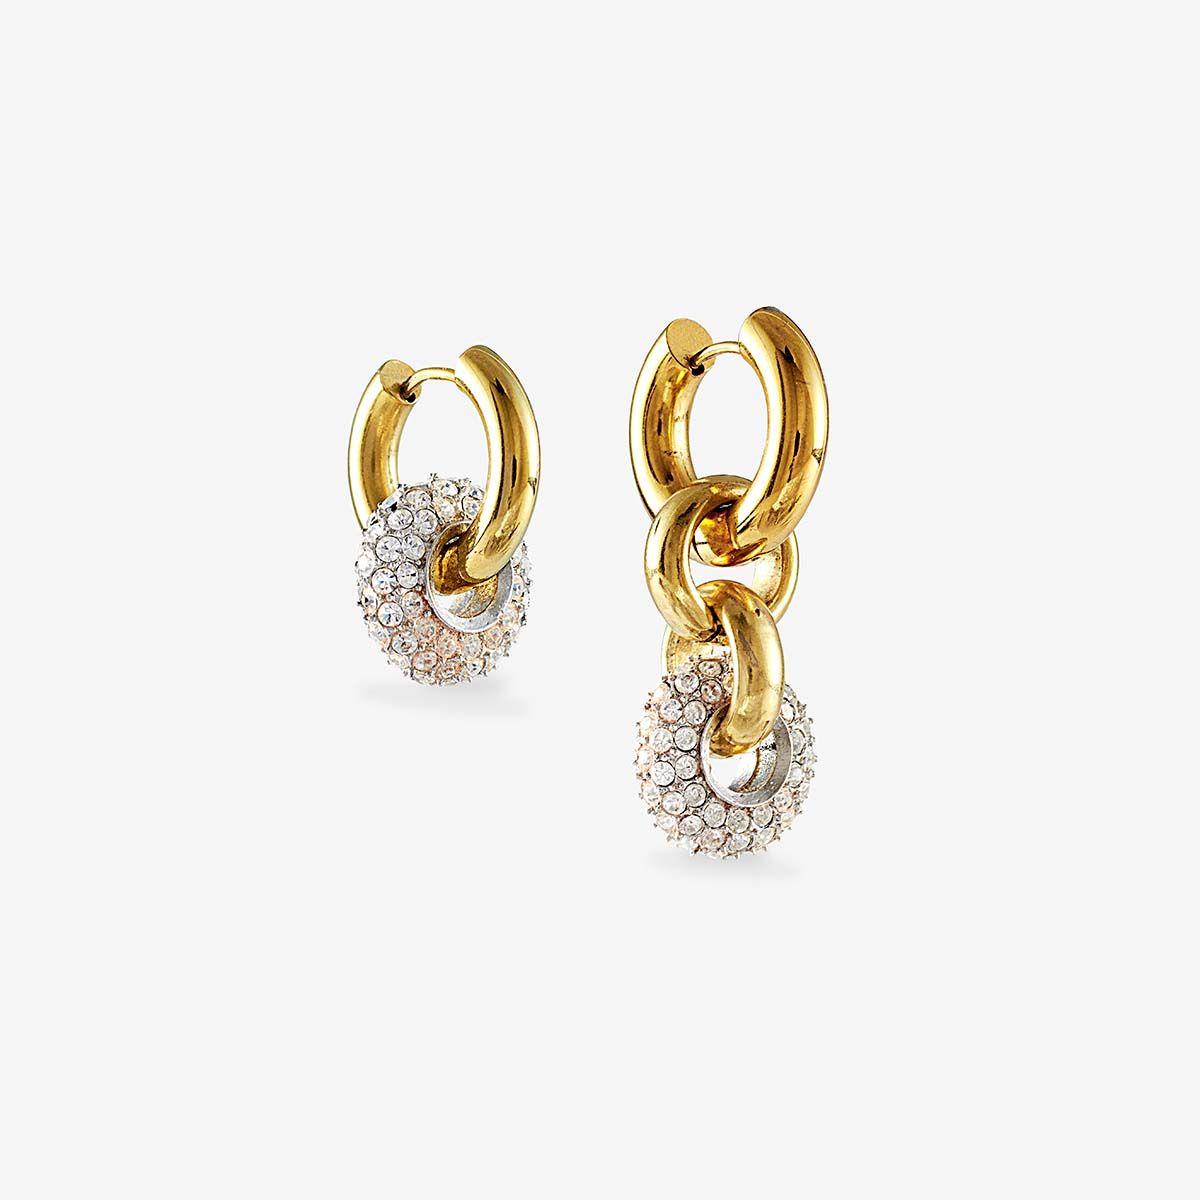 Disco donut earrings - Creolen - 24k vergoldet